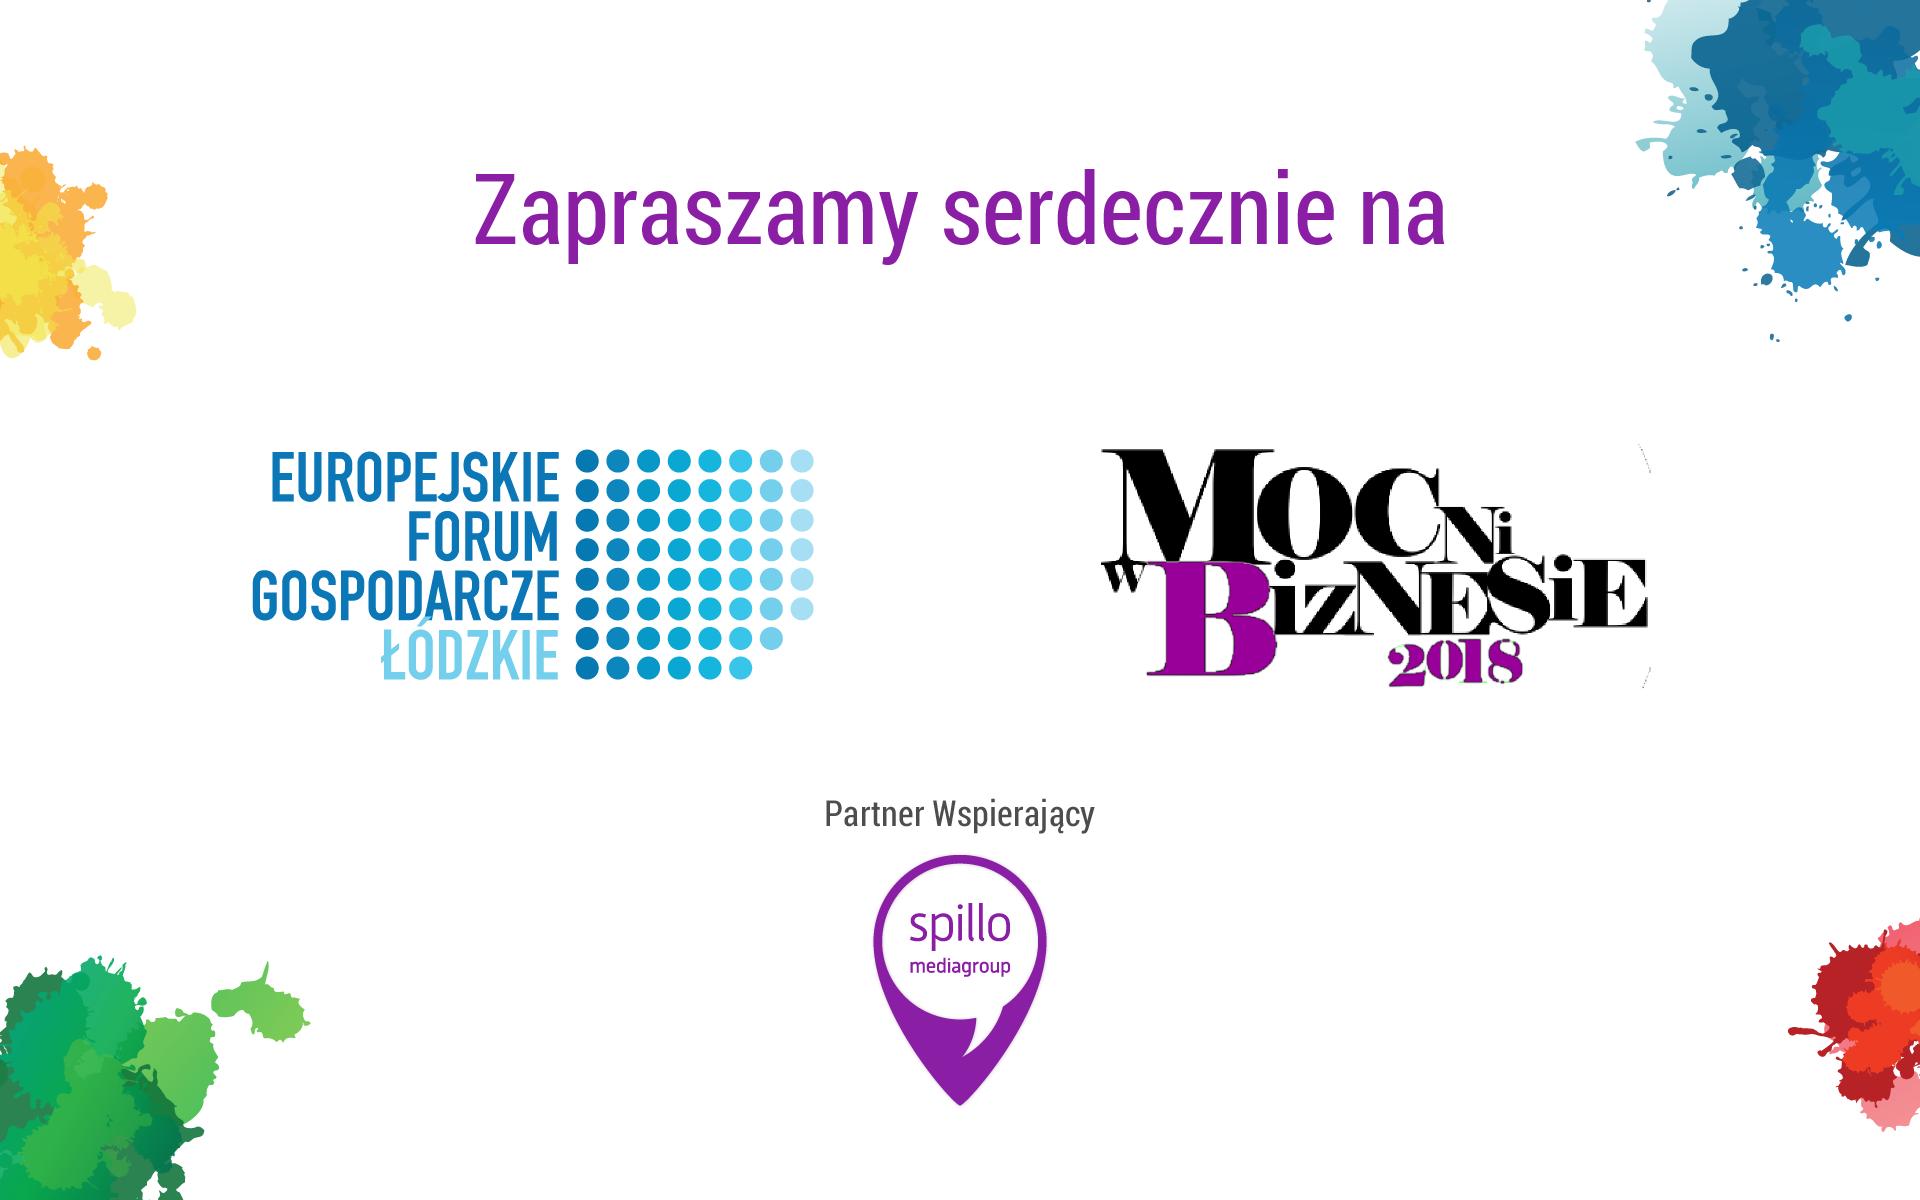 Spillomedia wspiera Łódzkie